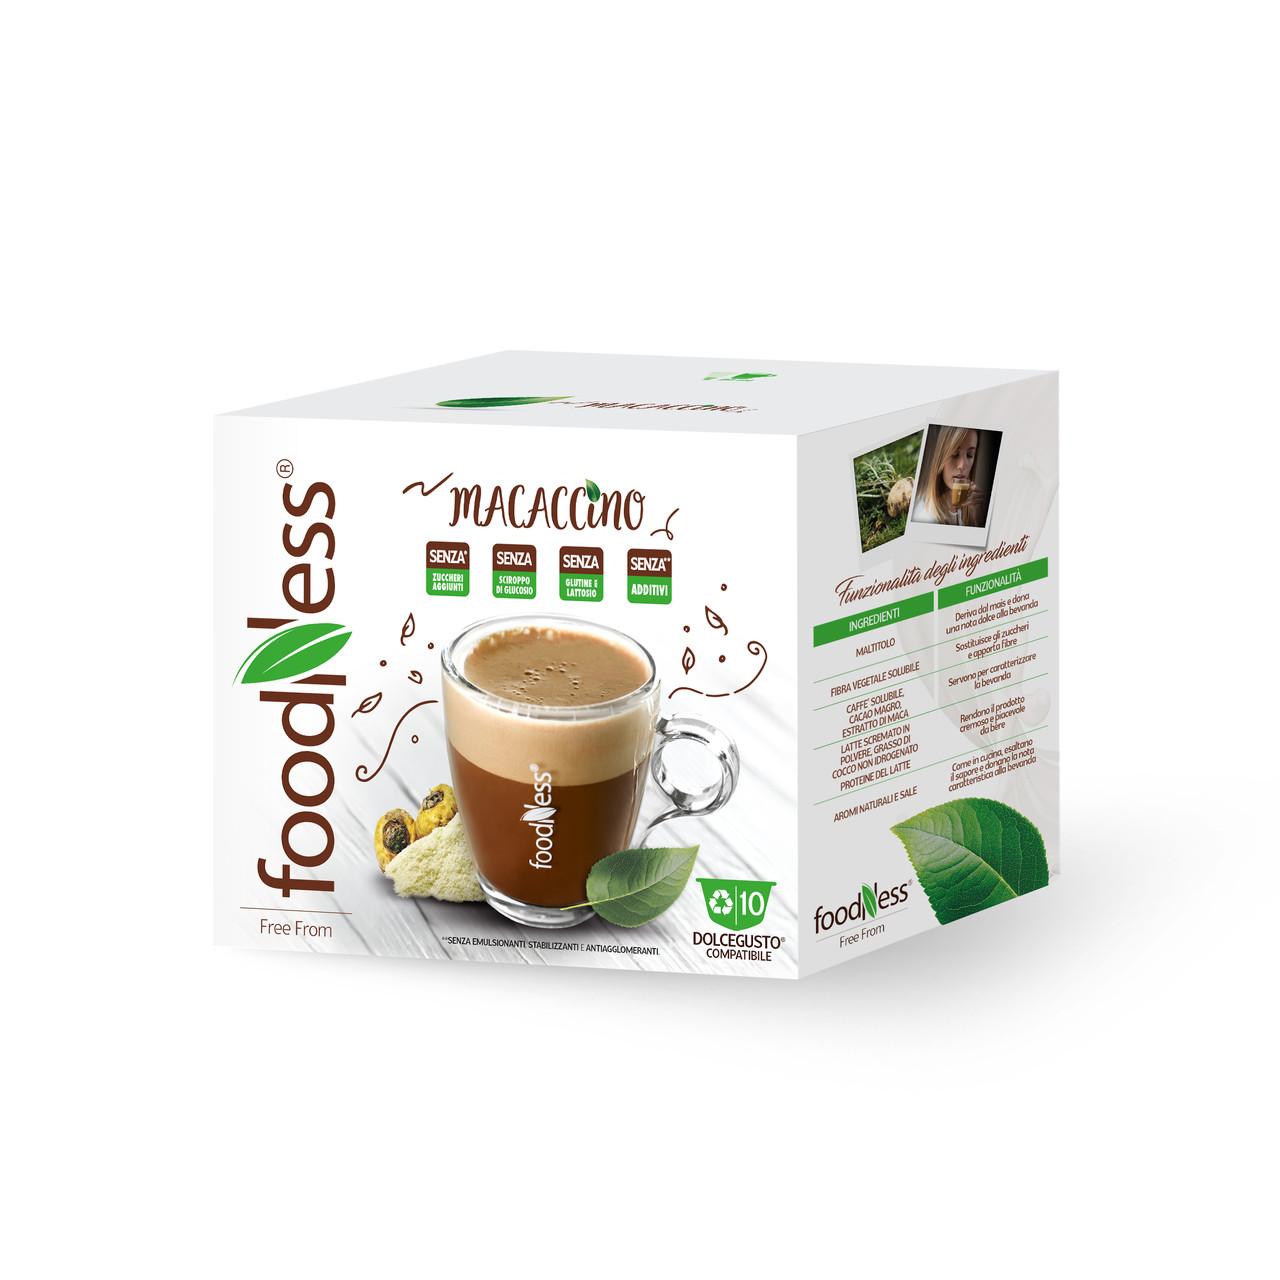 Кофе в капсулах FoodNess Dolce Gusto Macaccino with Maca 10 шт. (Фуднес Дольче Густо), Италия